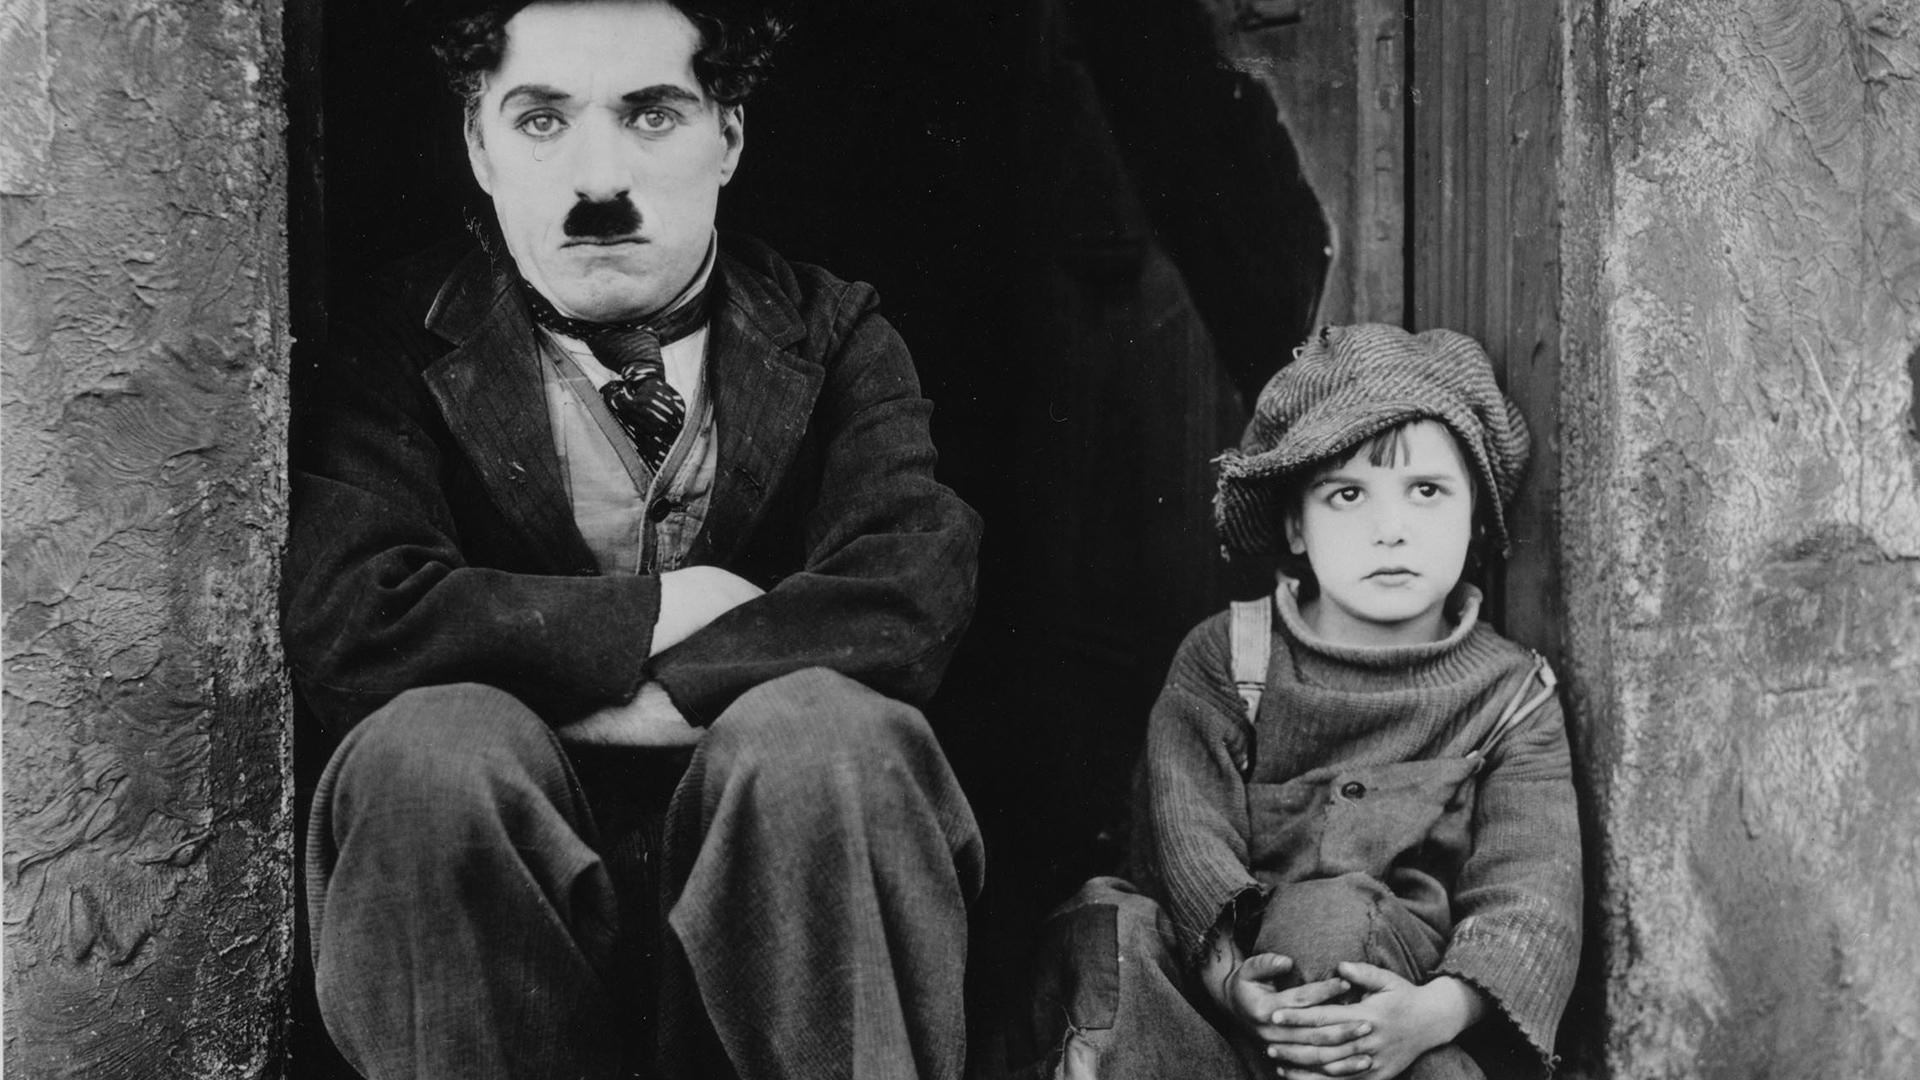 Չառլի Չապլինը՝ հայոց եղեռնից մազապուրծ որբերի բարերար